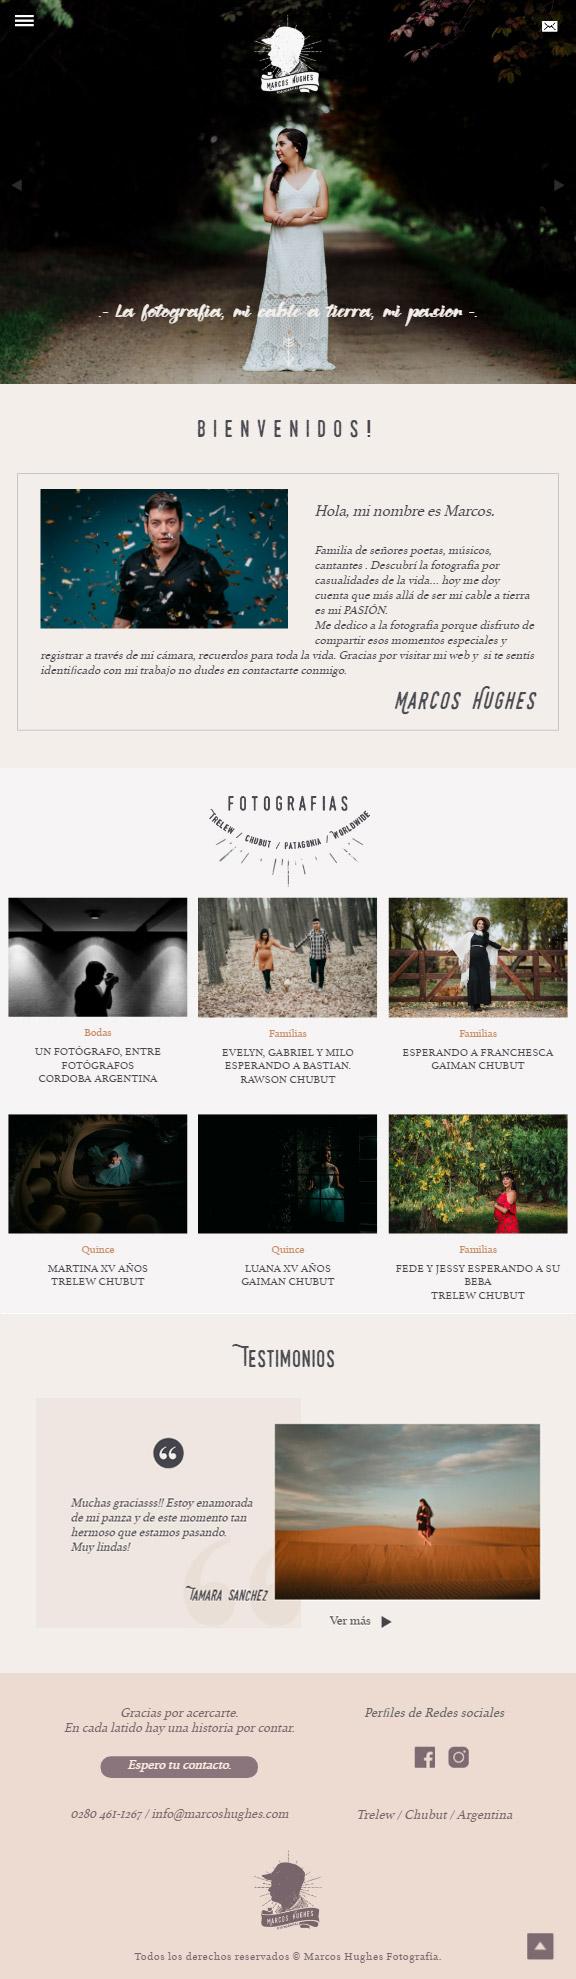 Versión Ipad página web diseñada y desarrollada por lavueltaweb.com para el fotógrafo Marcos Hugues